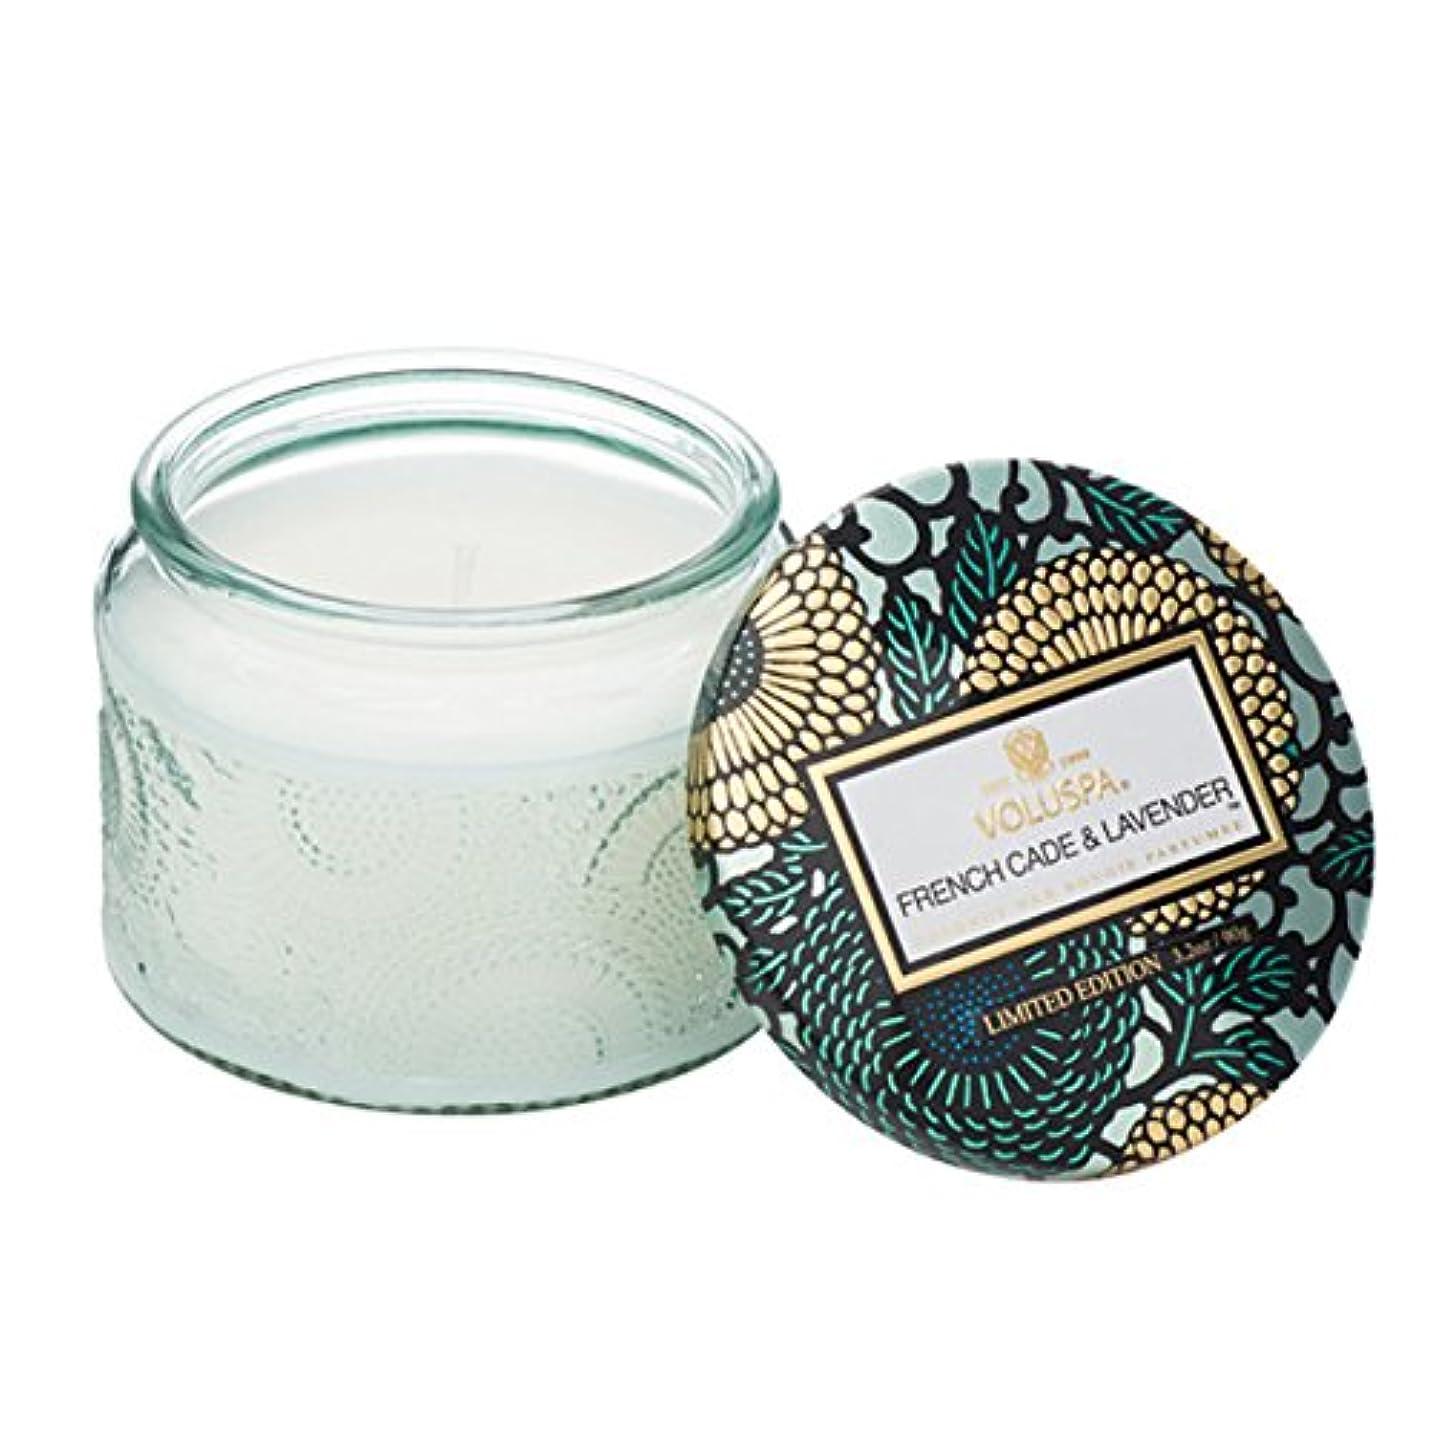 ヘビ船外ラビリンスVoluspa ボルスパ ジャポニカ リミテッド グラスジャーキャンドル  S フレンチケード&ラベンダー FRENCH CADE LAVENDER  JAPONICA Limited PETITE EMBOSSED Glass jar candle